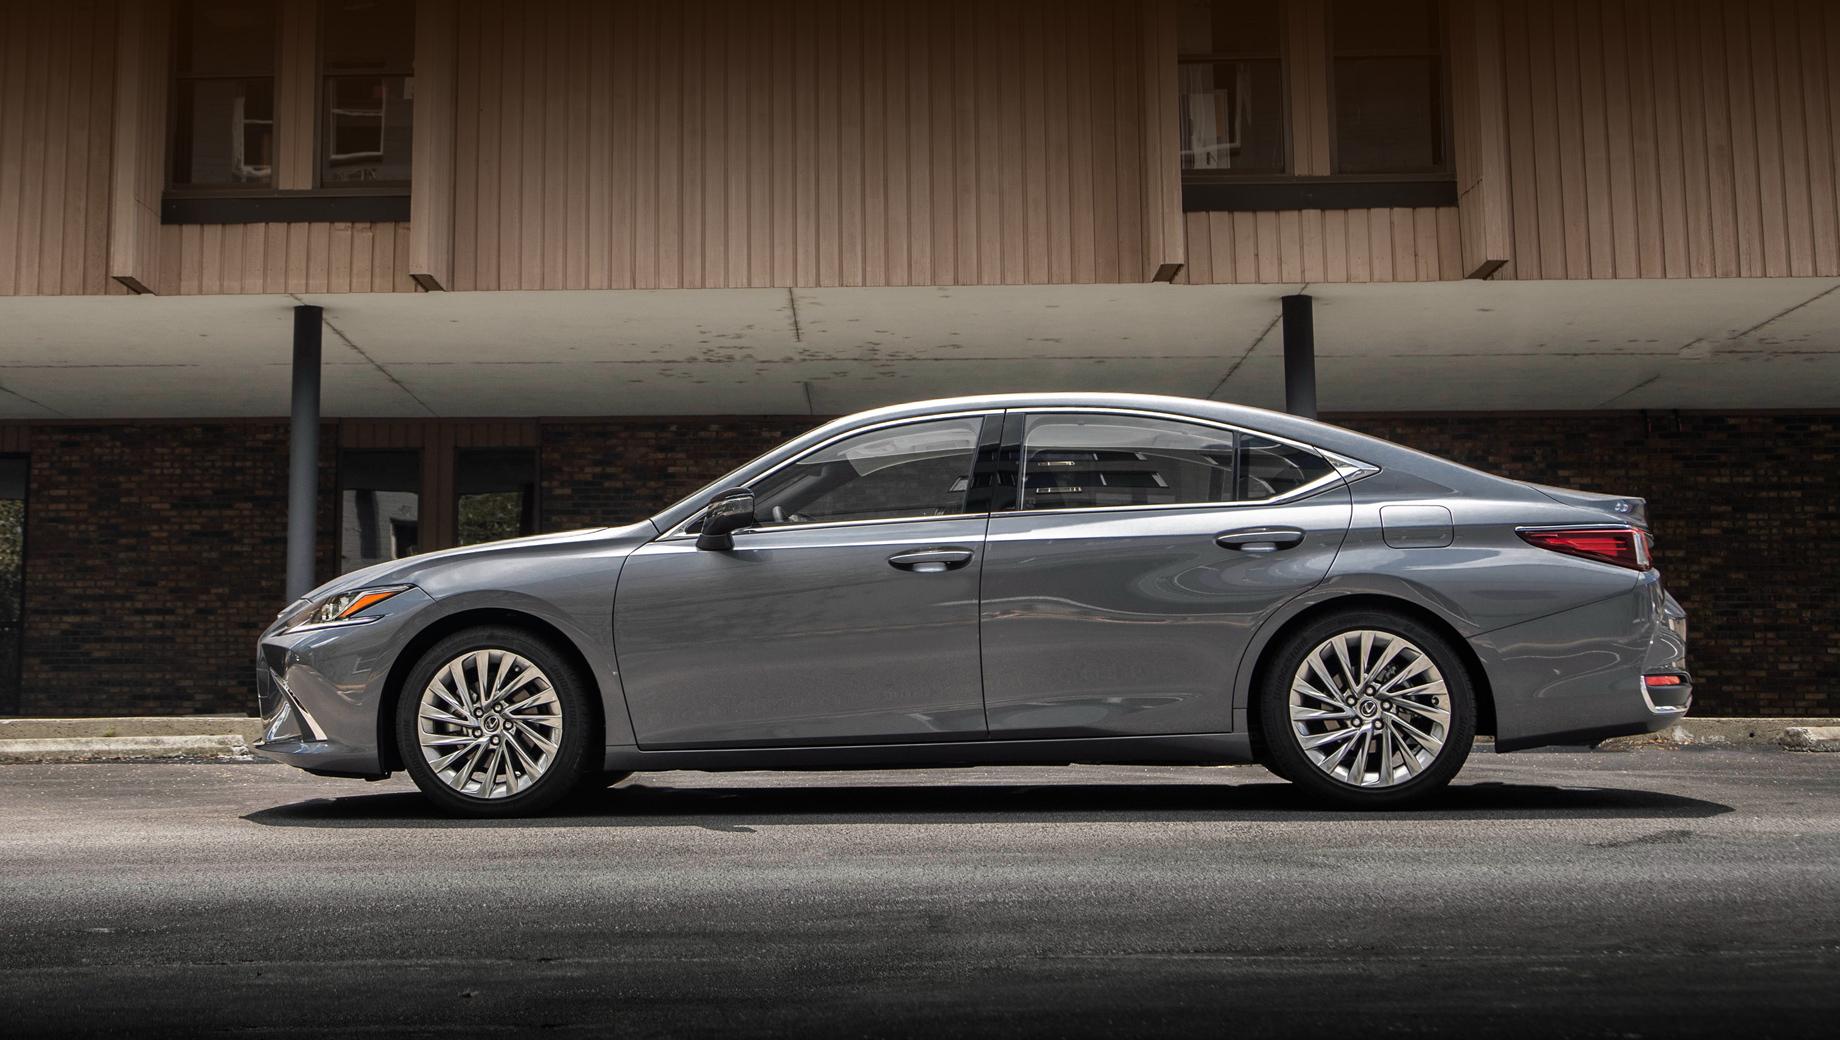 Lexus es. Перед нами обычный ES 250 с мотором 2.5 (200 л.с., 243 Н•м), восьмиступенчатым «автоматом» и передним приводом.